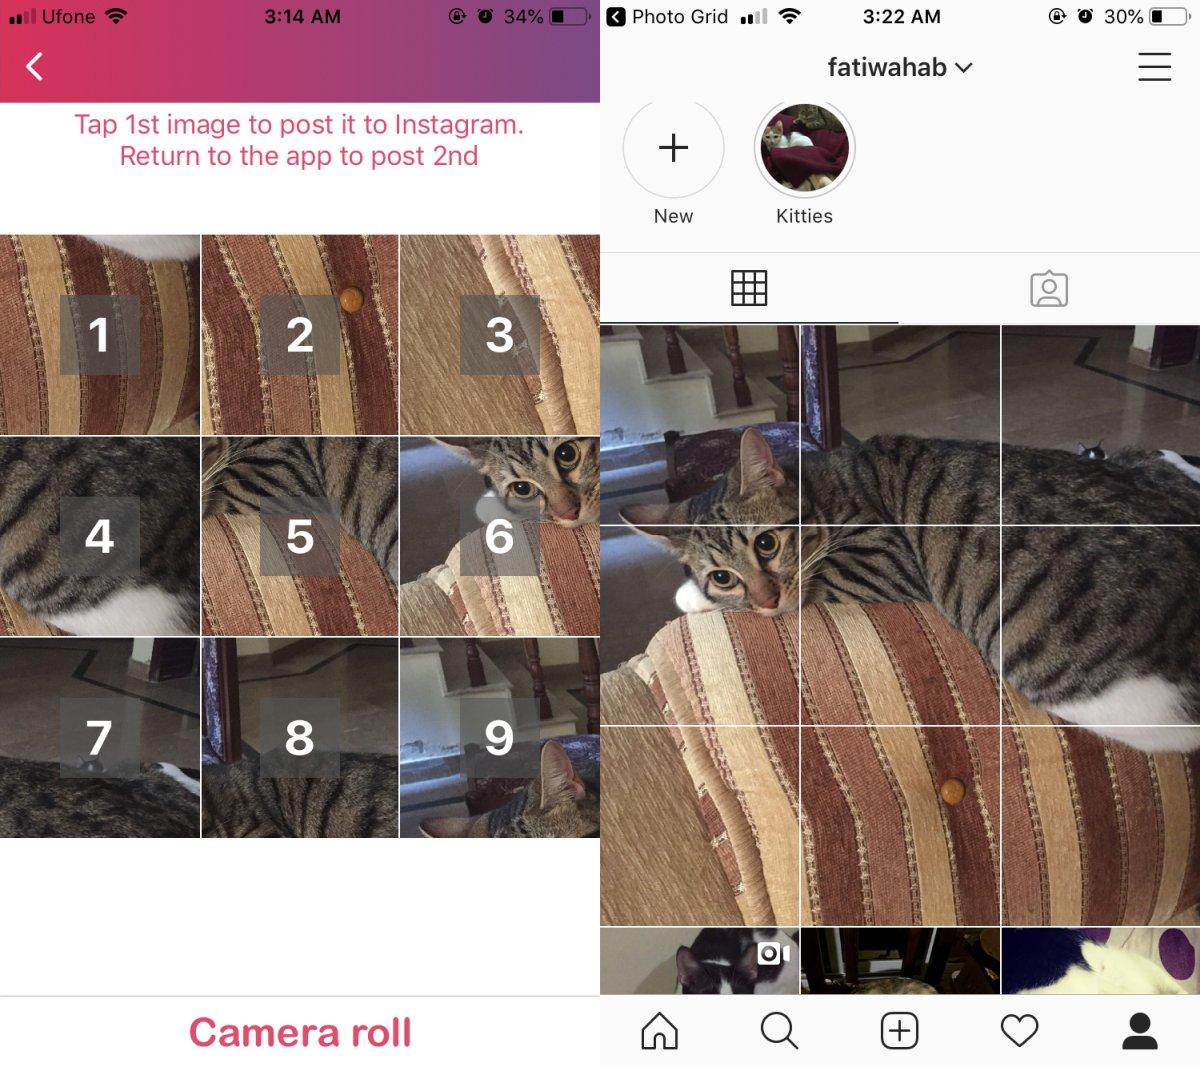 كيفية إنشاء Instagram 3 × 3 شبكة آخر على دائرة الرقابة الداخلية 1